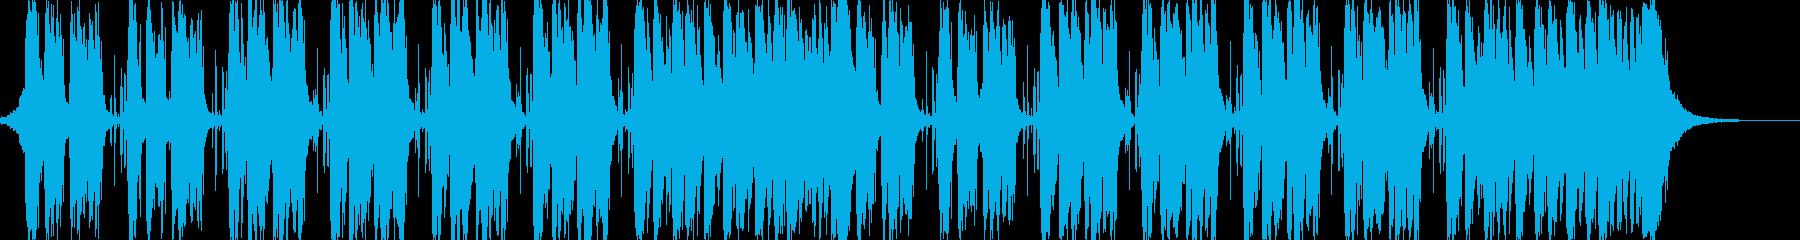 ドタバタしている時の音楽の再生済みの波形